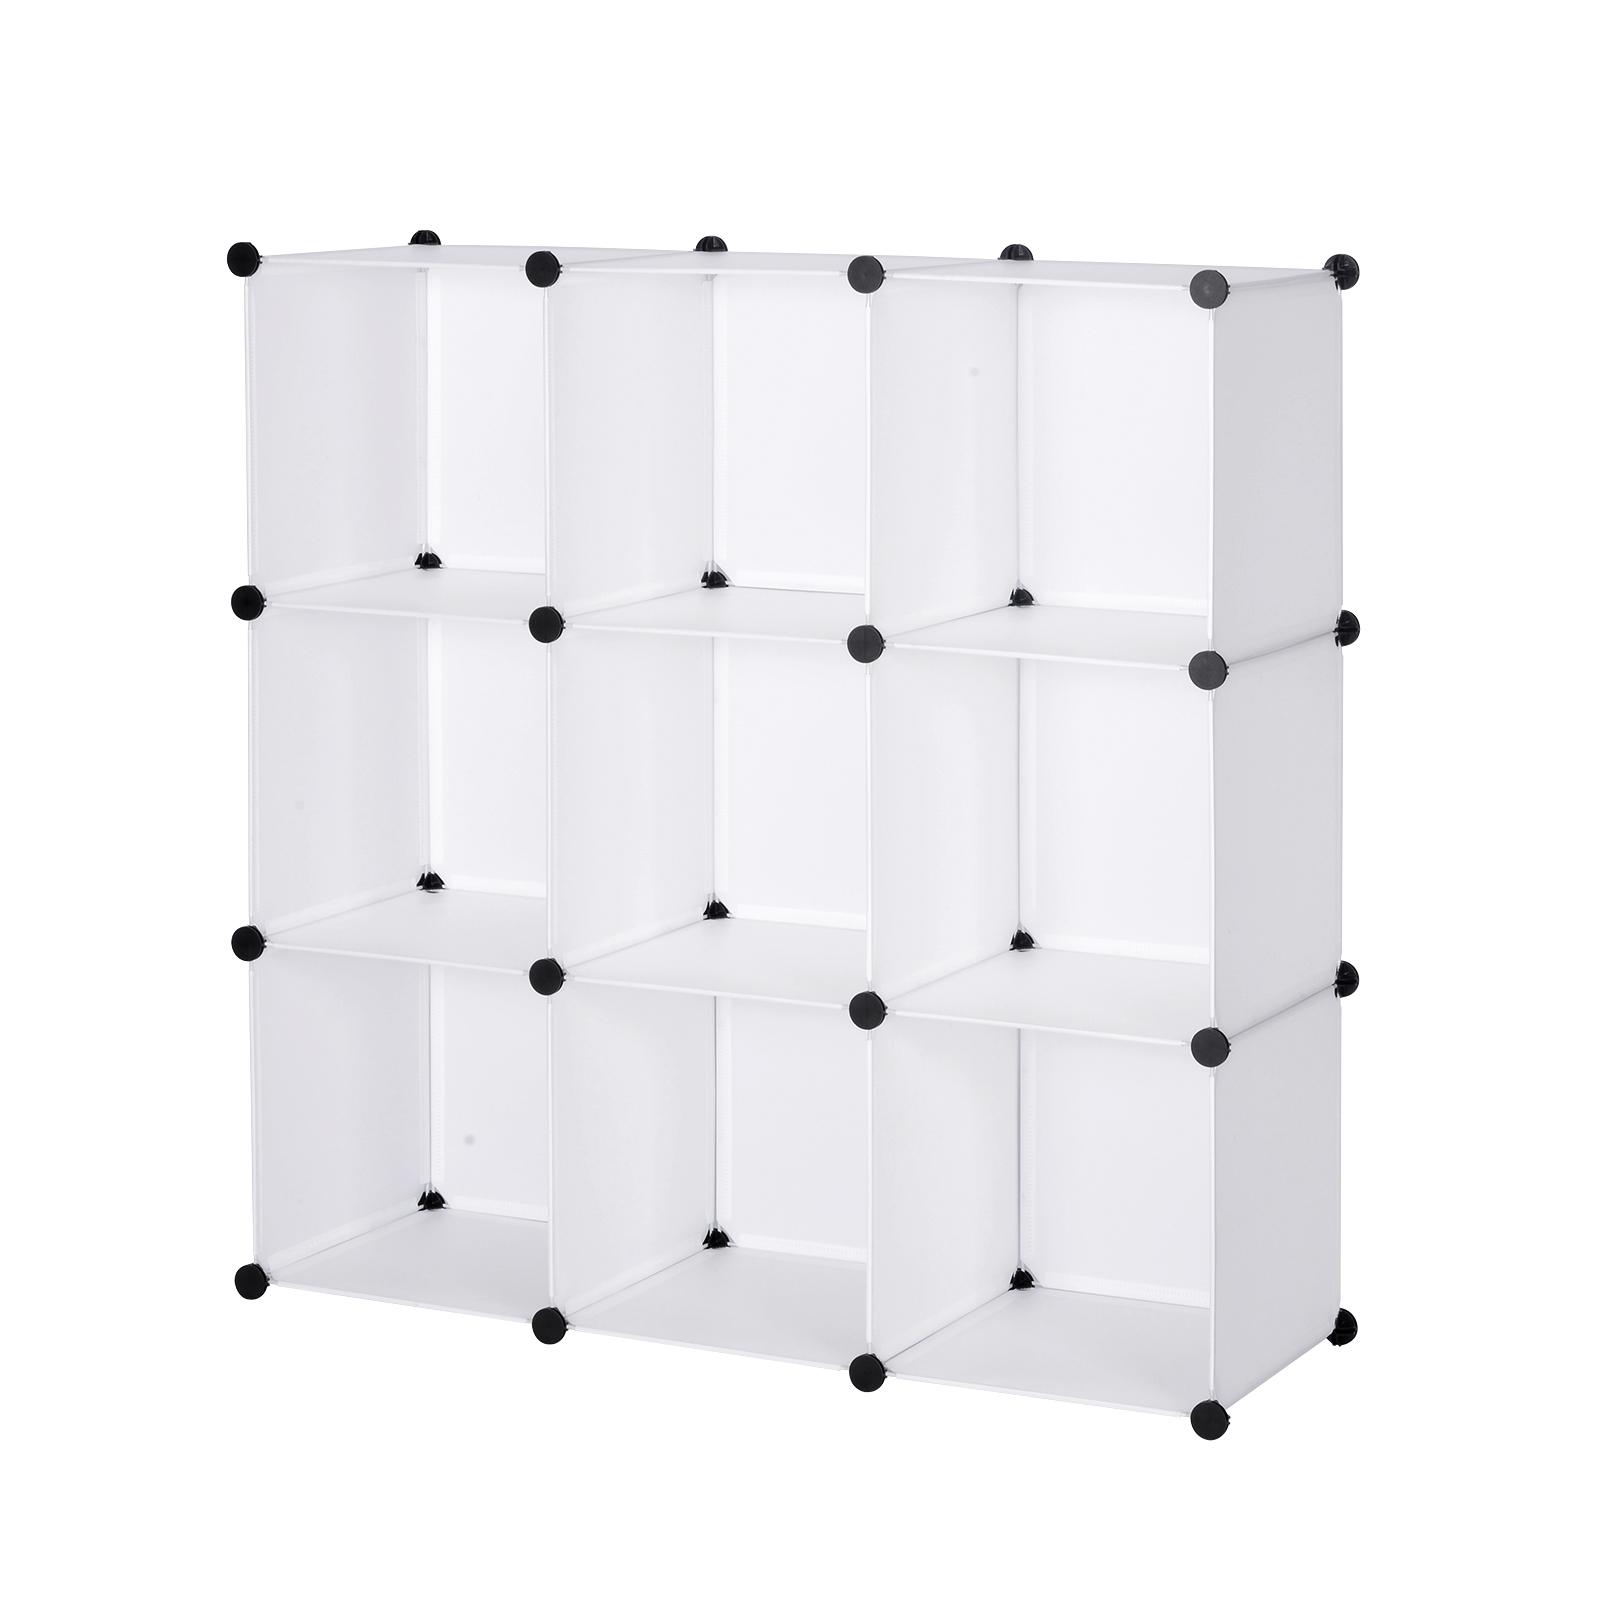 kleiderschrank b cherregal diy steckregal mit ohne t ren. Black Bedroom Furniture Sets. Home Design Ideas